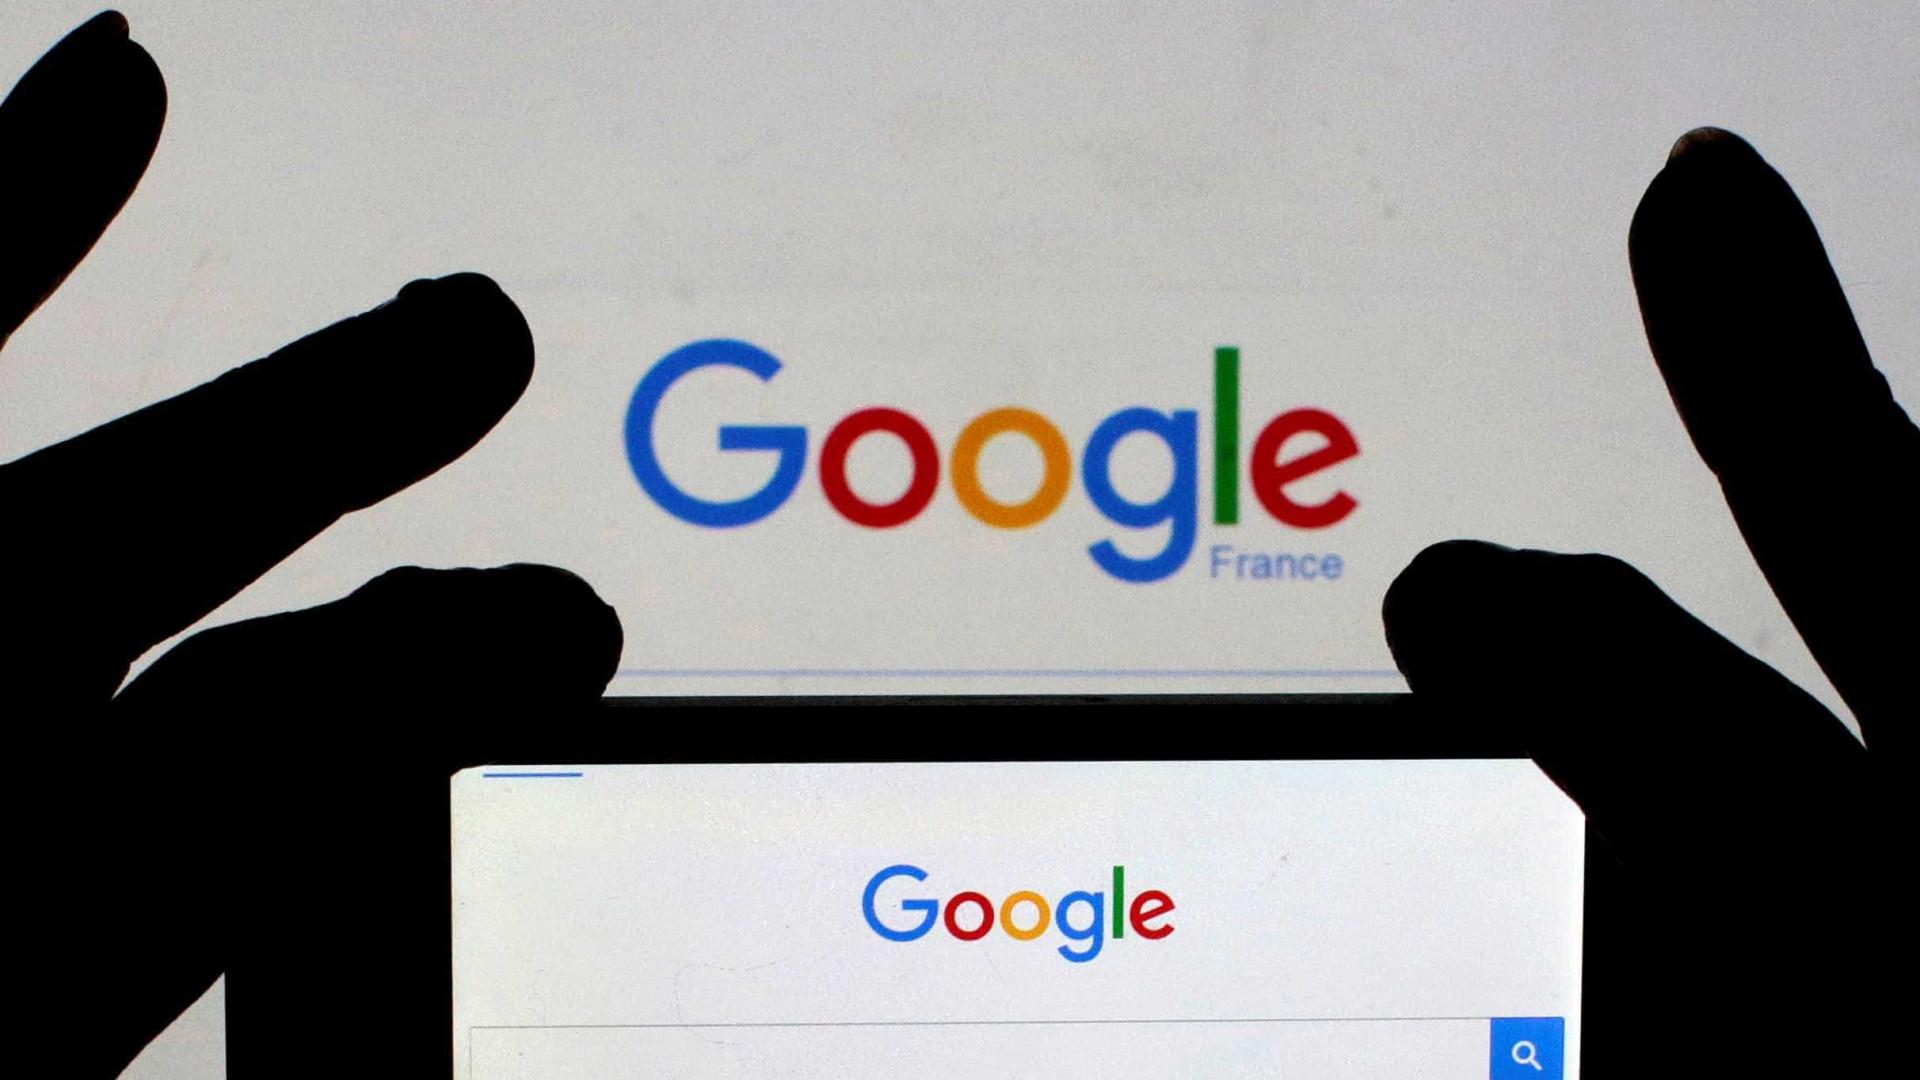 Apple troca Bing pelo Google para as pesquisas no iOS